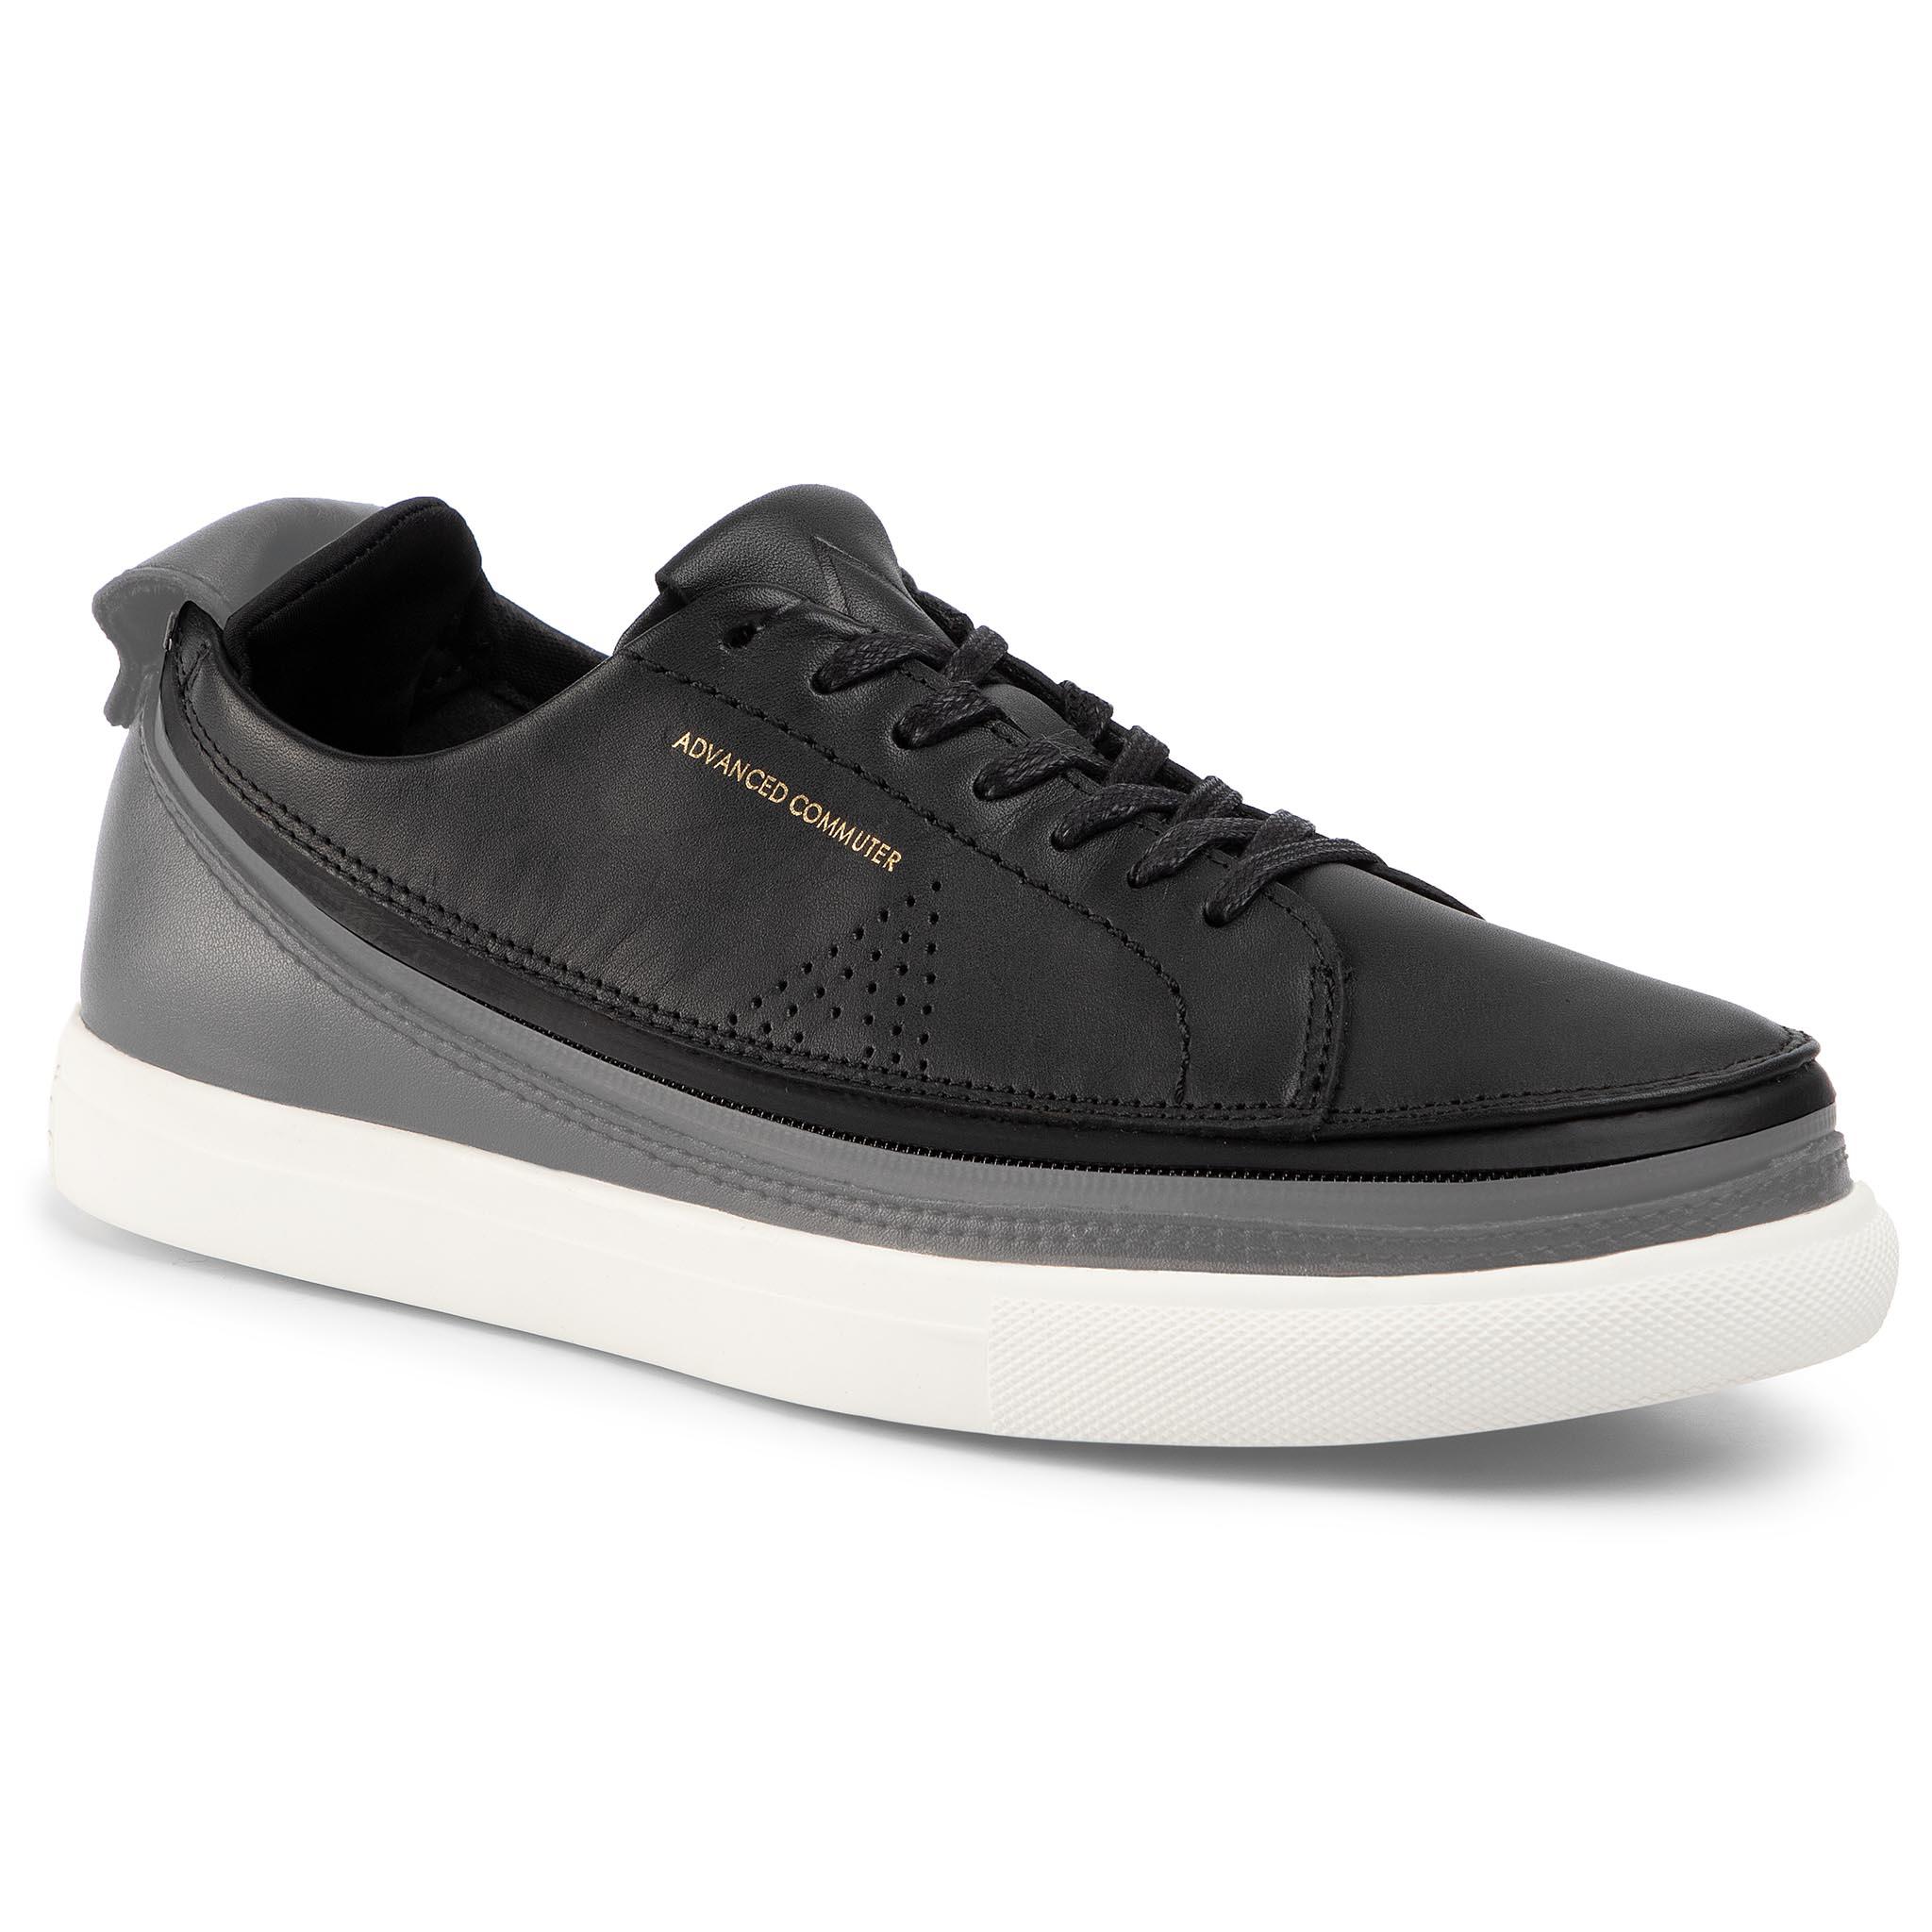 Image of Extra Schuhschaft ACBC - SKSNEA Black 100